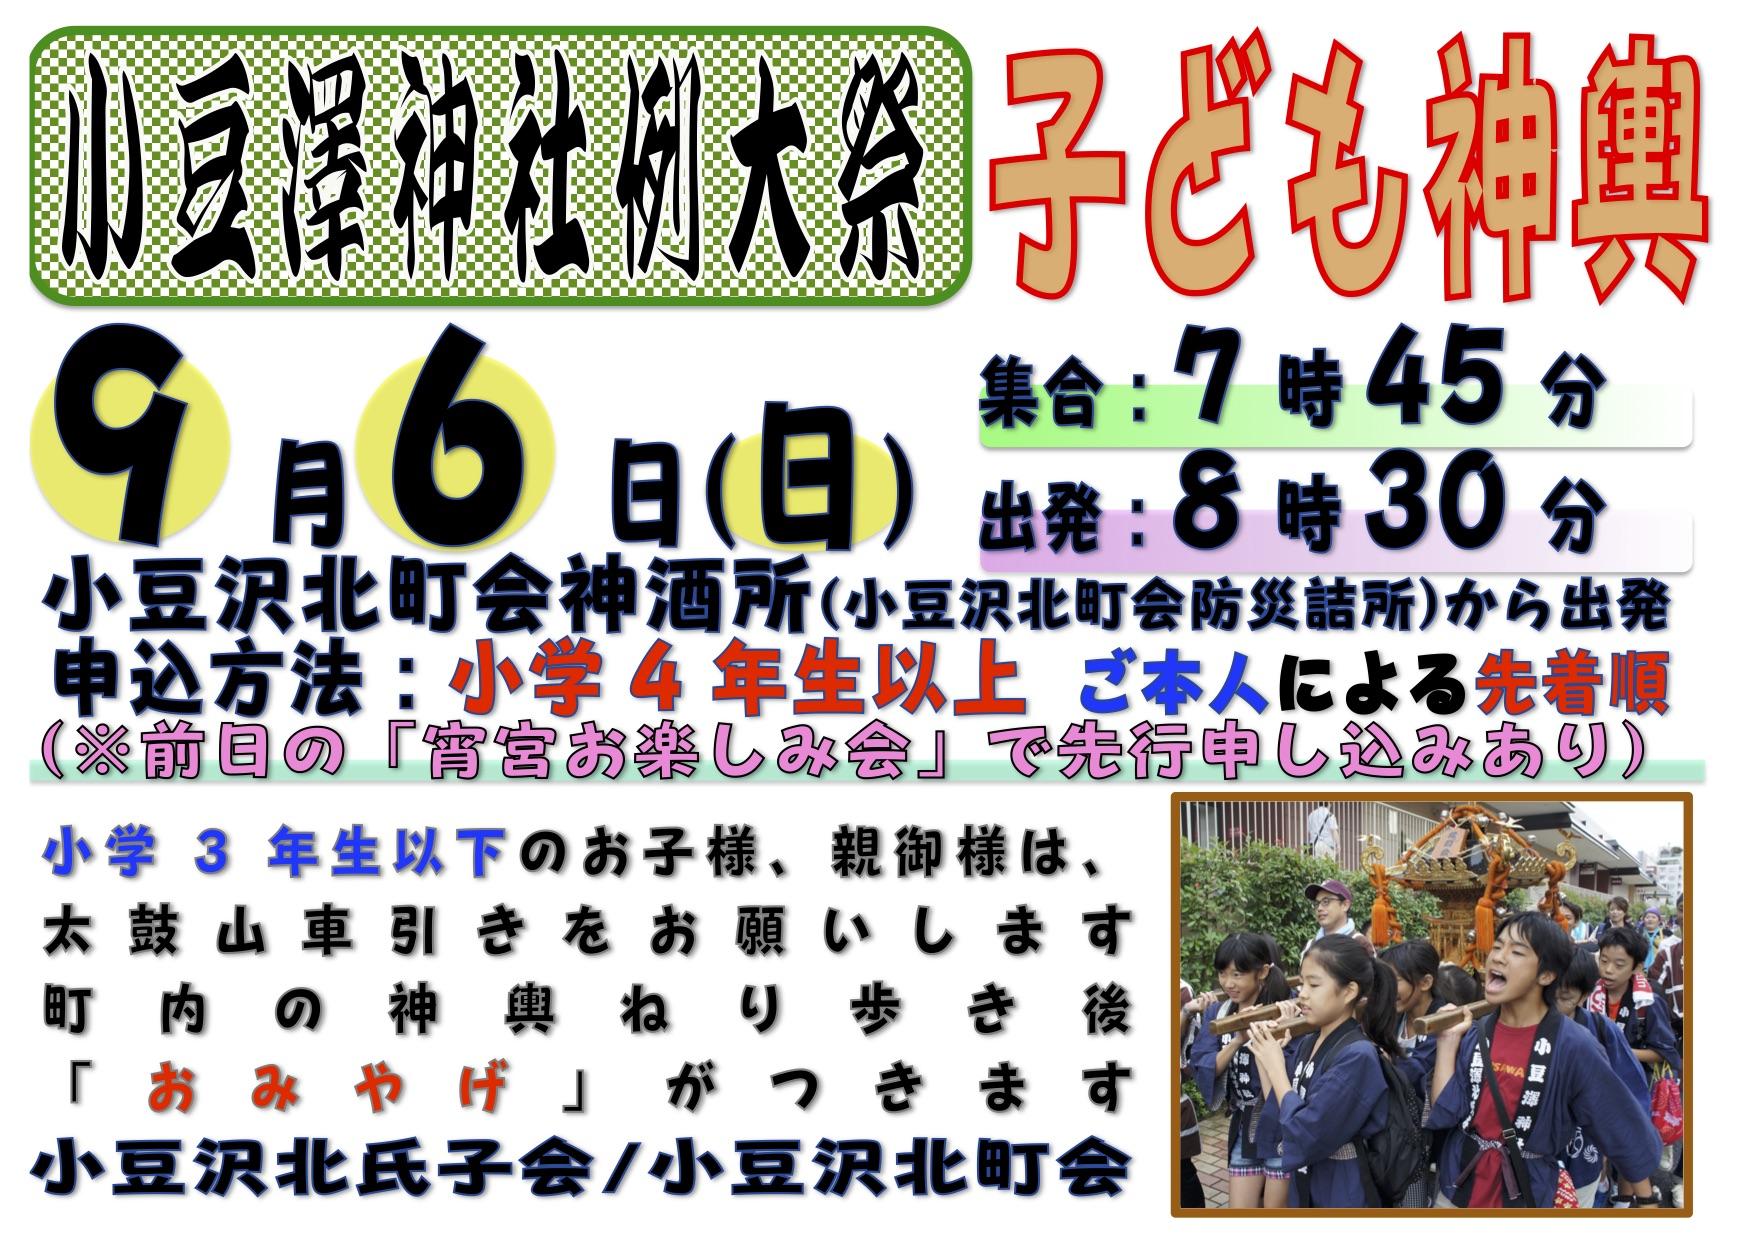 2015年9月6日(日)小豆澤神社例大祭子供神輿渡御